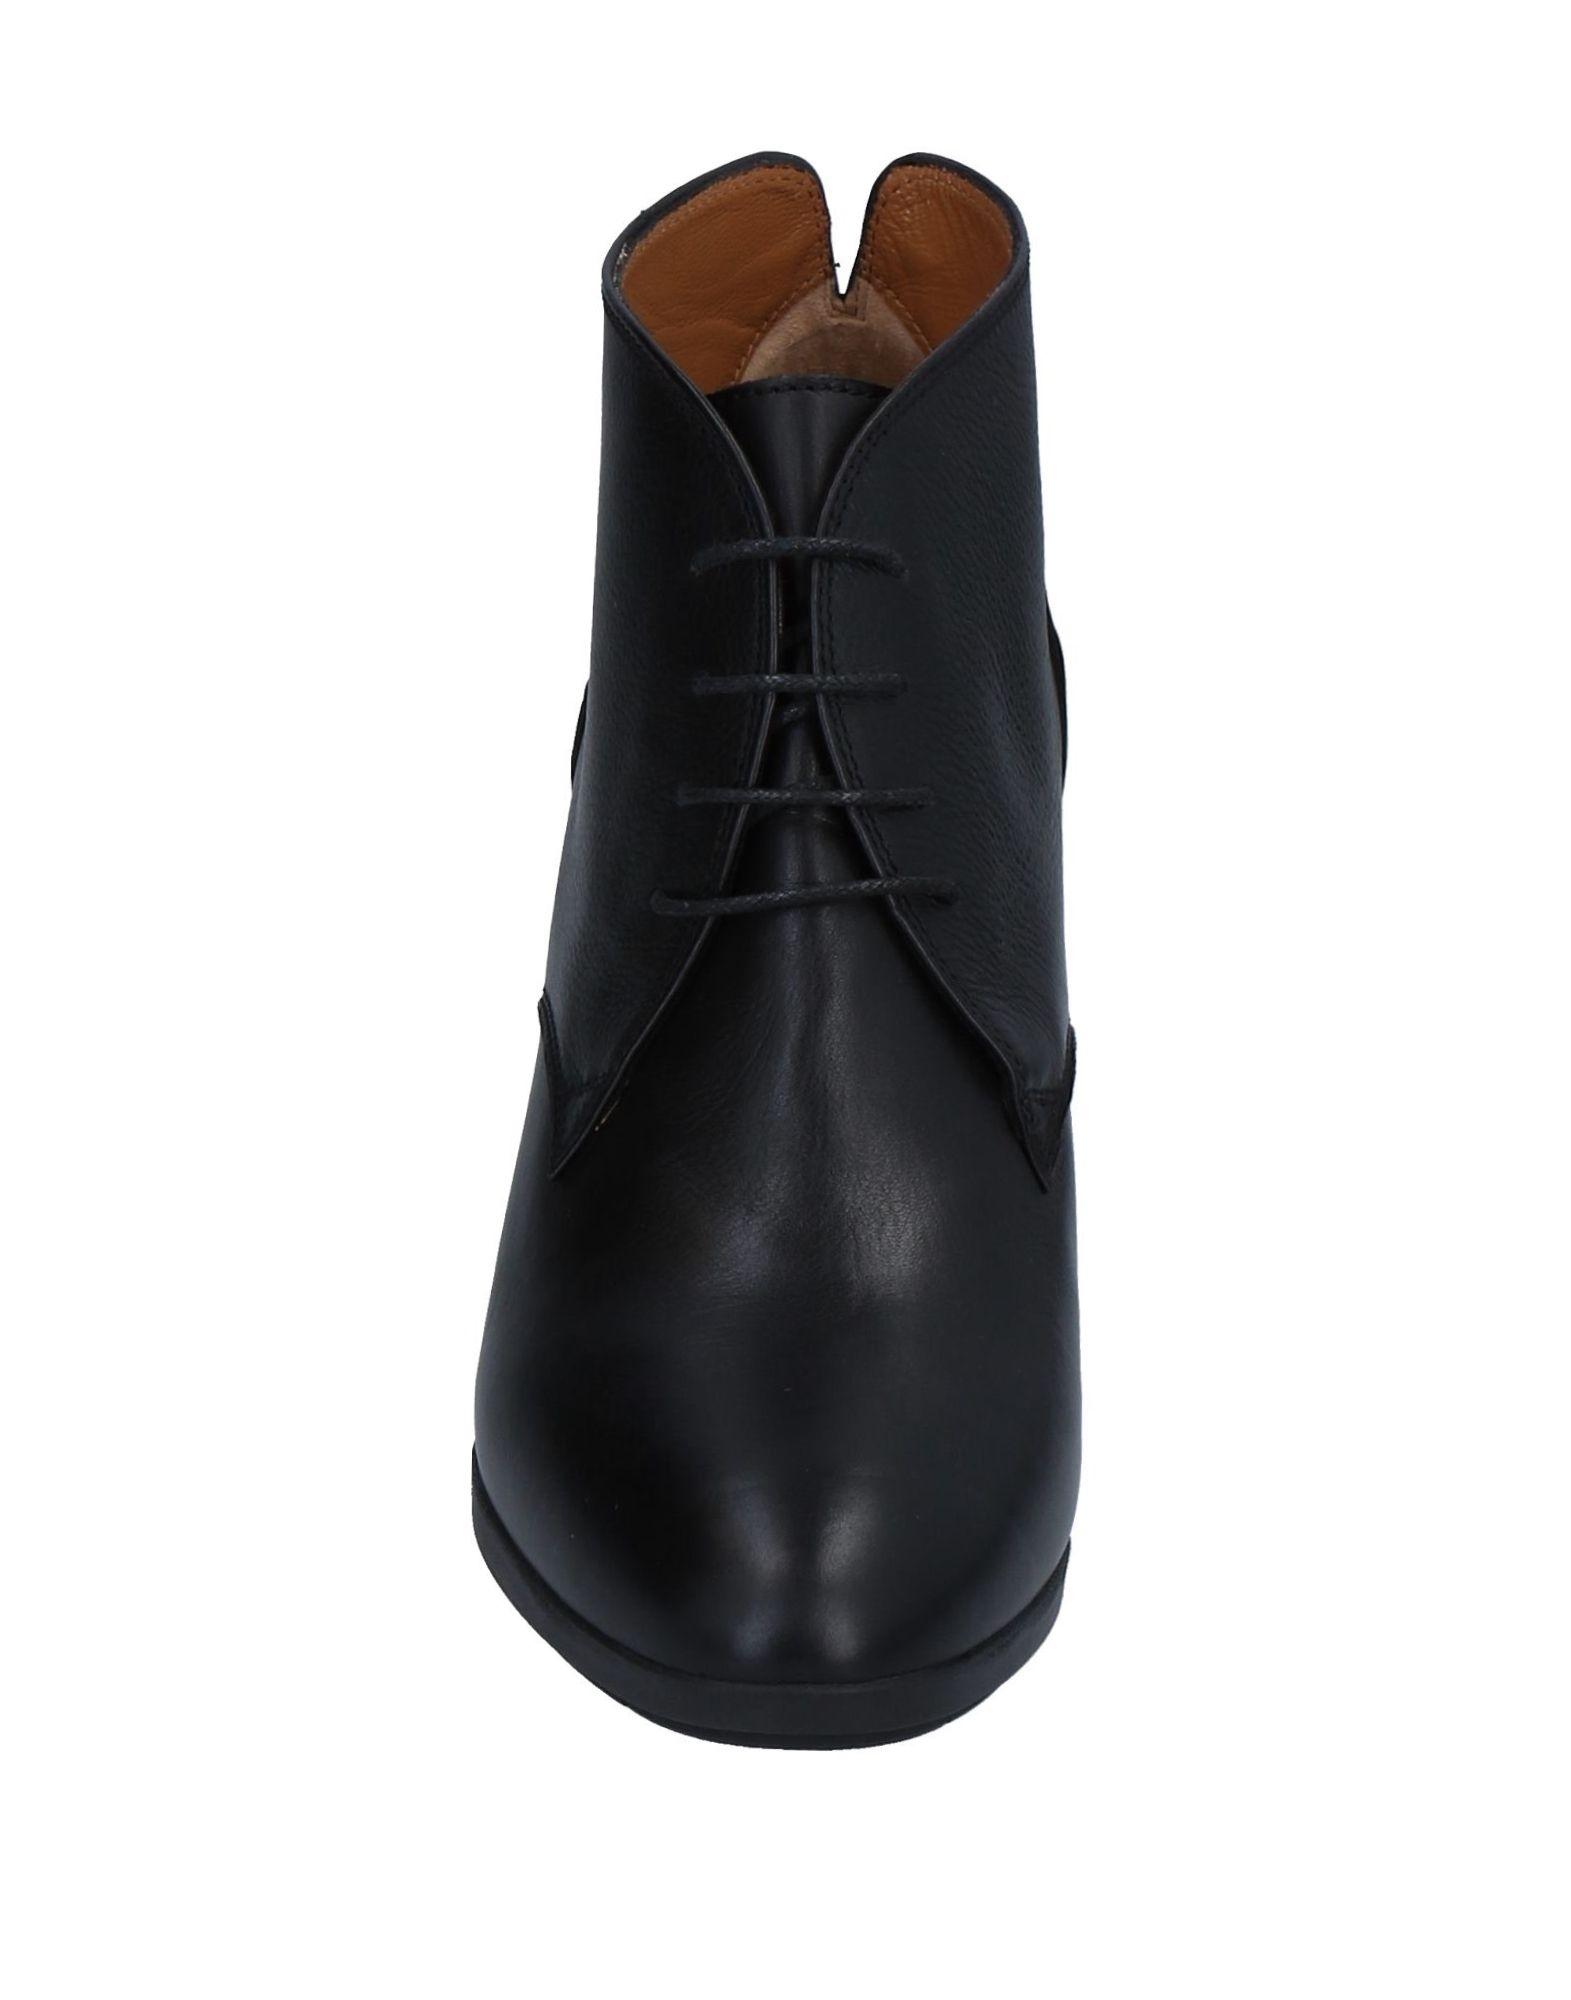 F.Lli Bruglia Beliebte Stiefelette Damen  11520571OJ Beliebte Bruglia Schuhe d88566